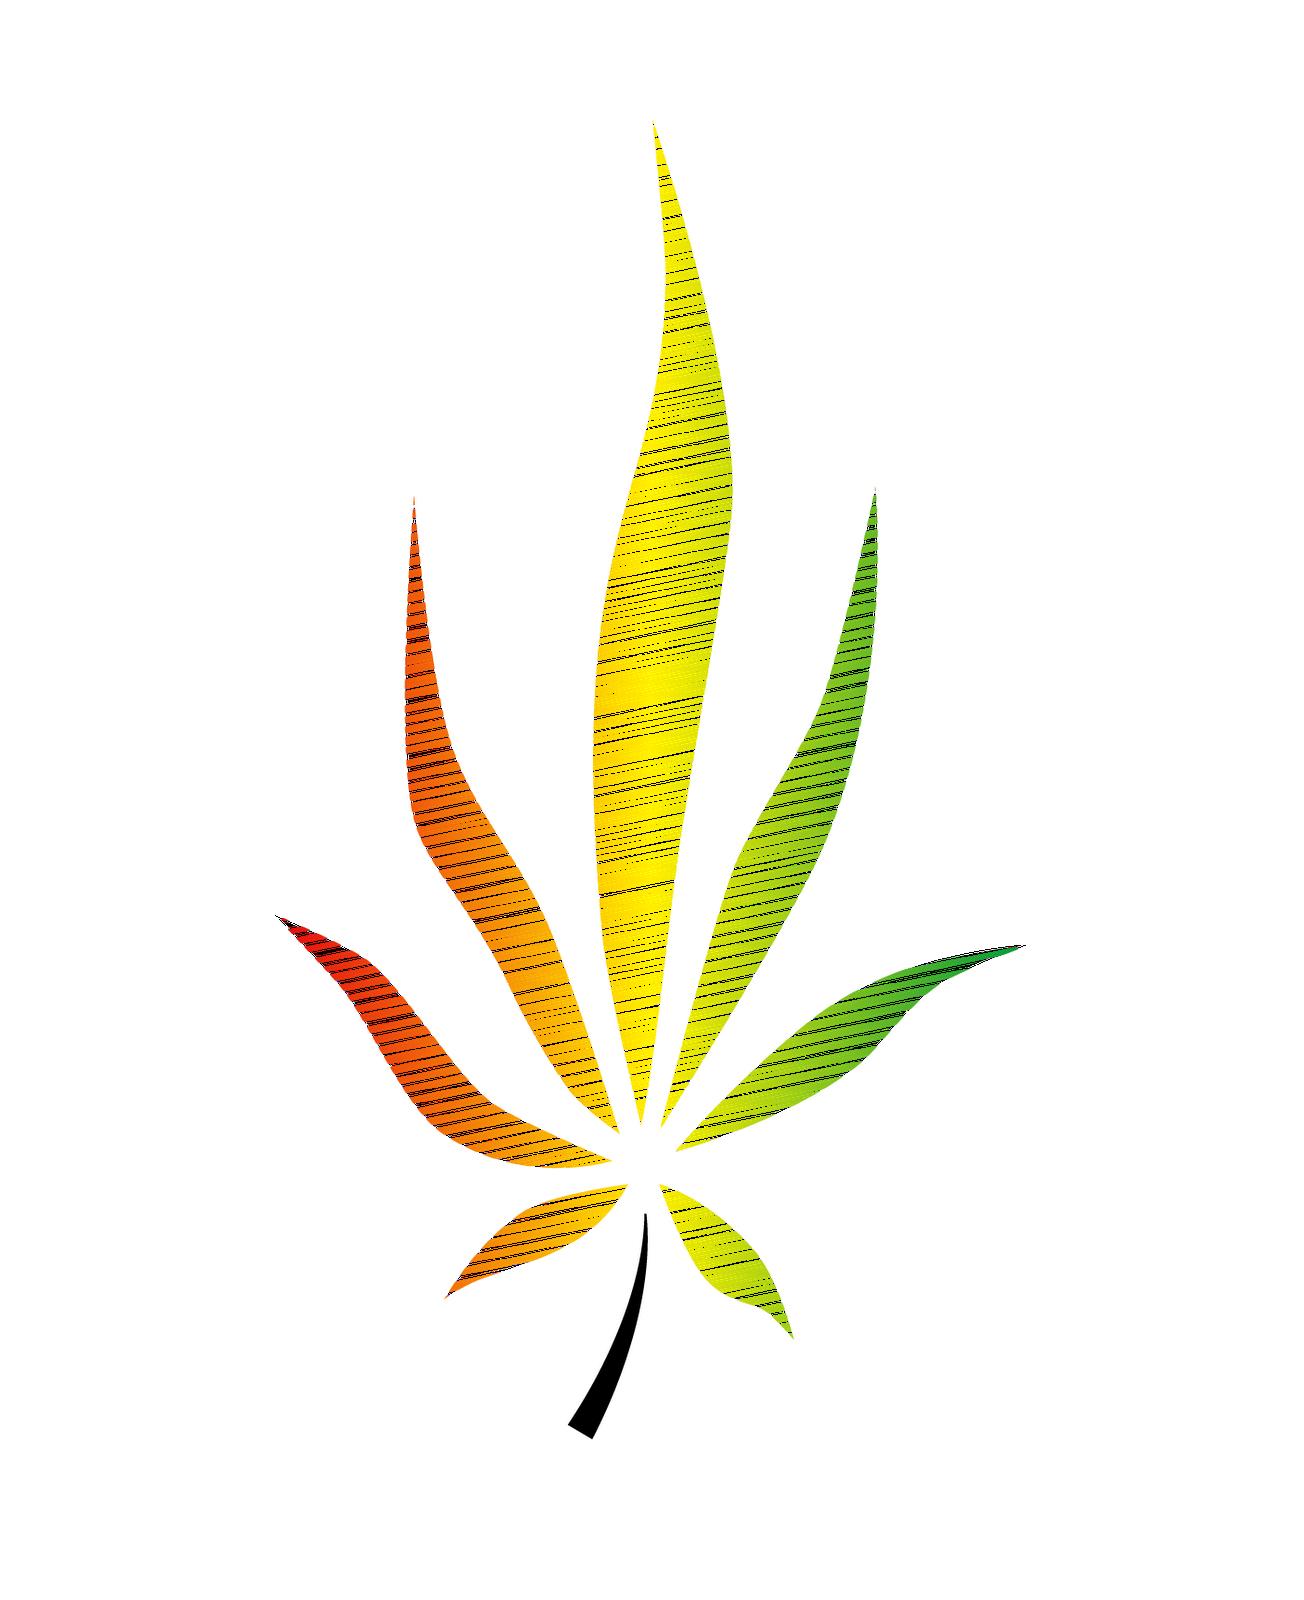 Marijuana Clipart - Clipart library-Marijuana Clipart - Clipart library-11